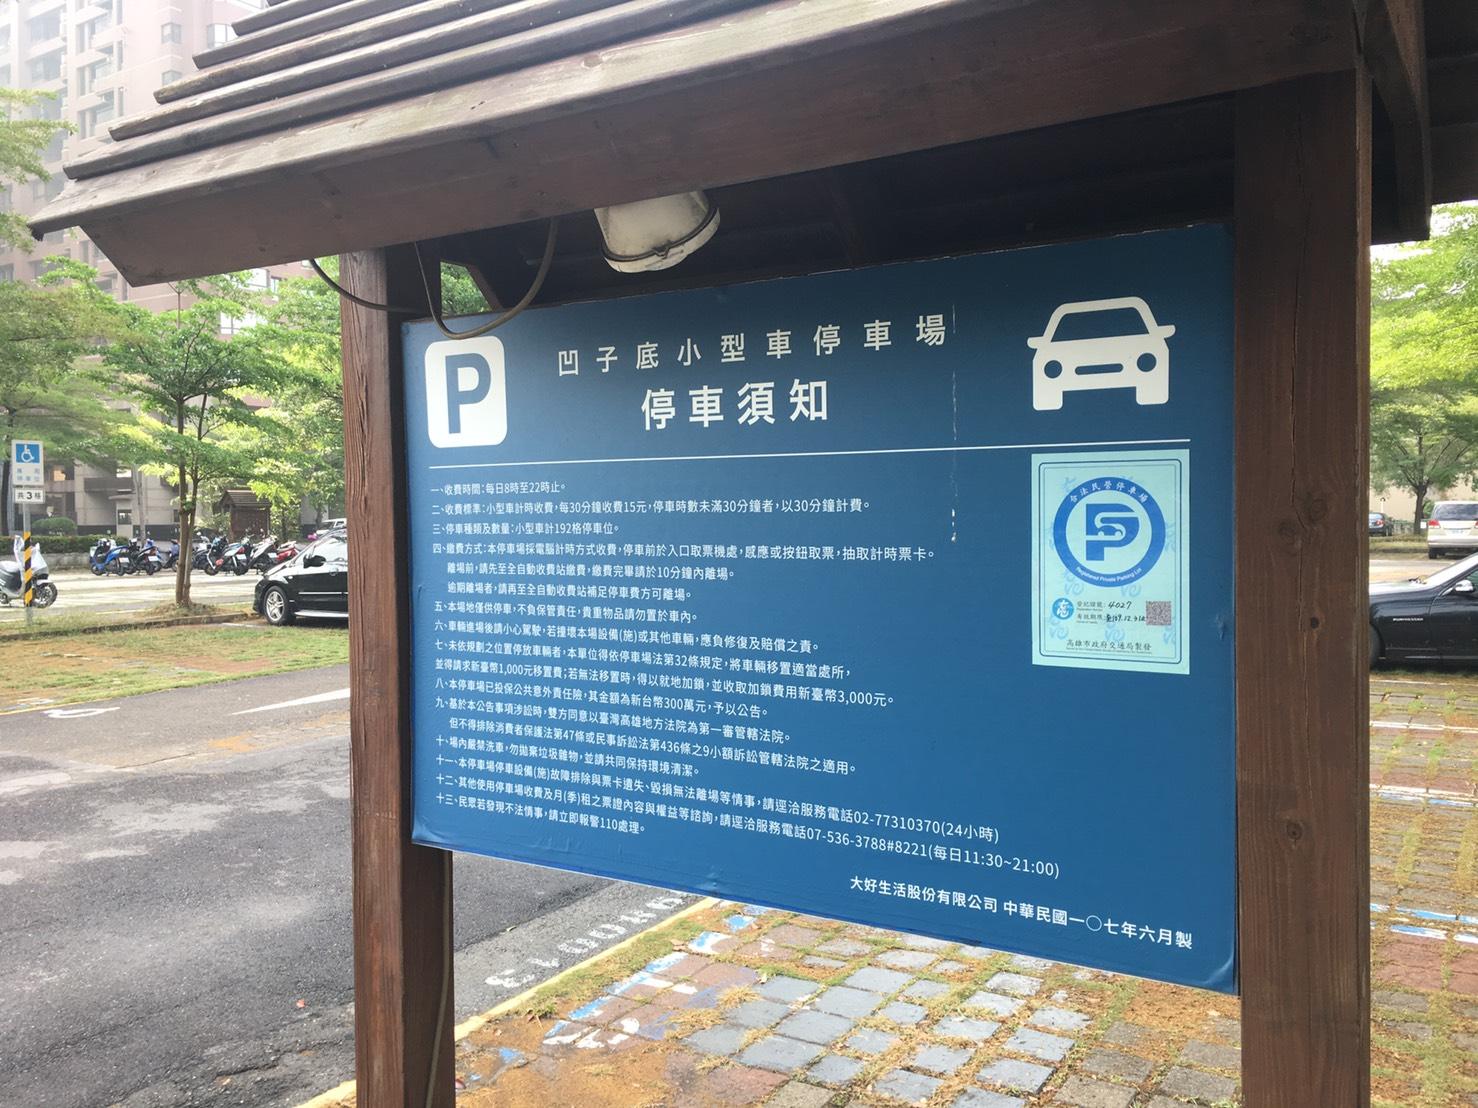 合法民營停車場張貼認證標章照片